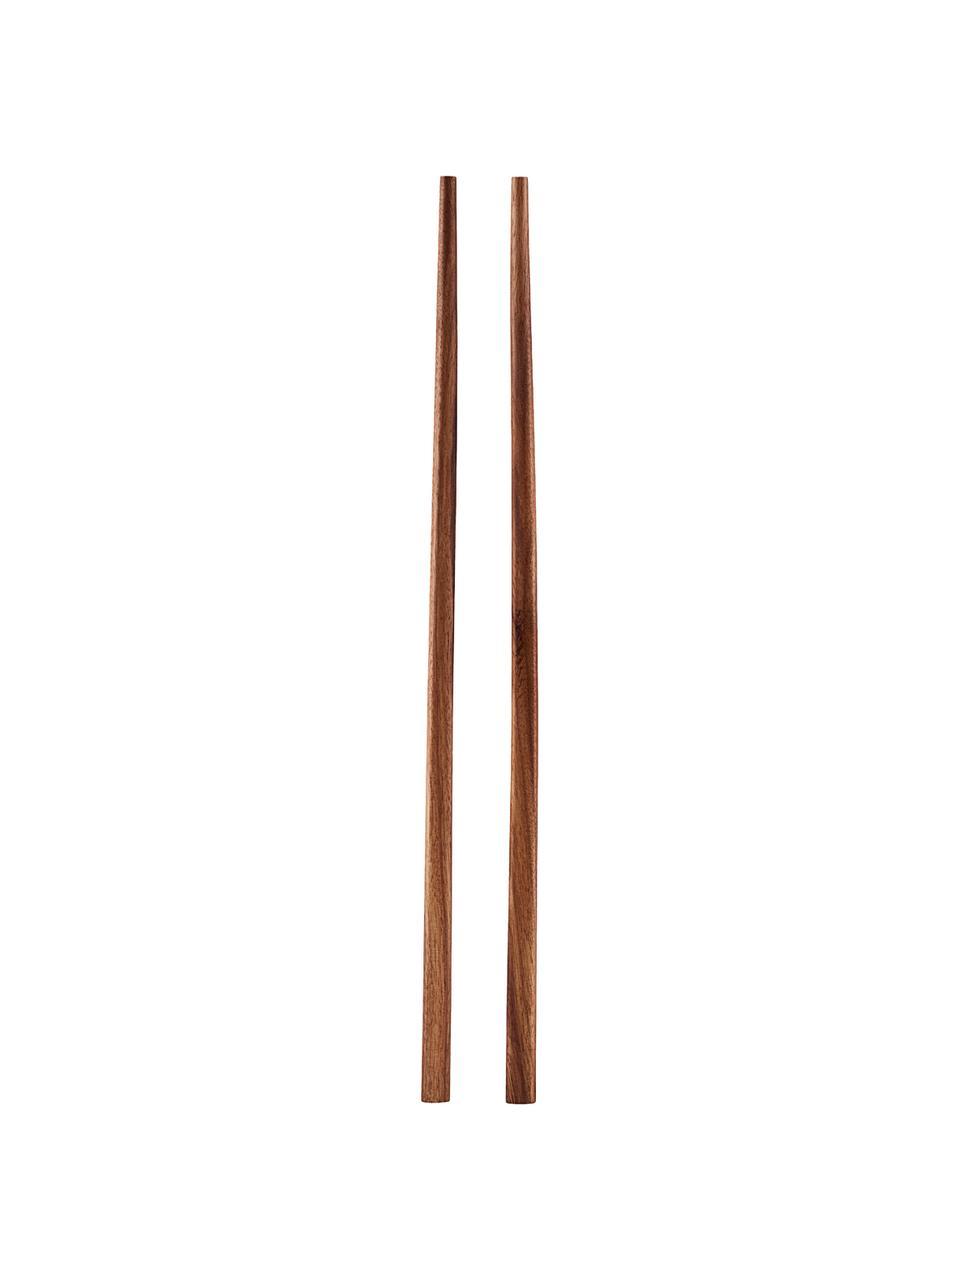 Bacchette in legno di Palawan Asia 6 paia, Legno di Palawan, Legno di Palawan, Lung. 23 cm